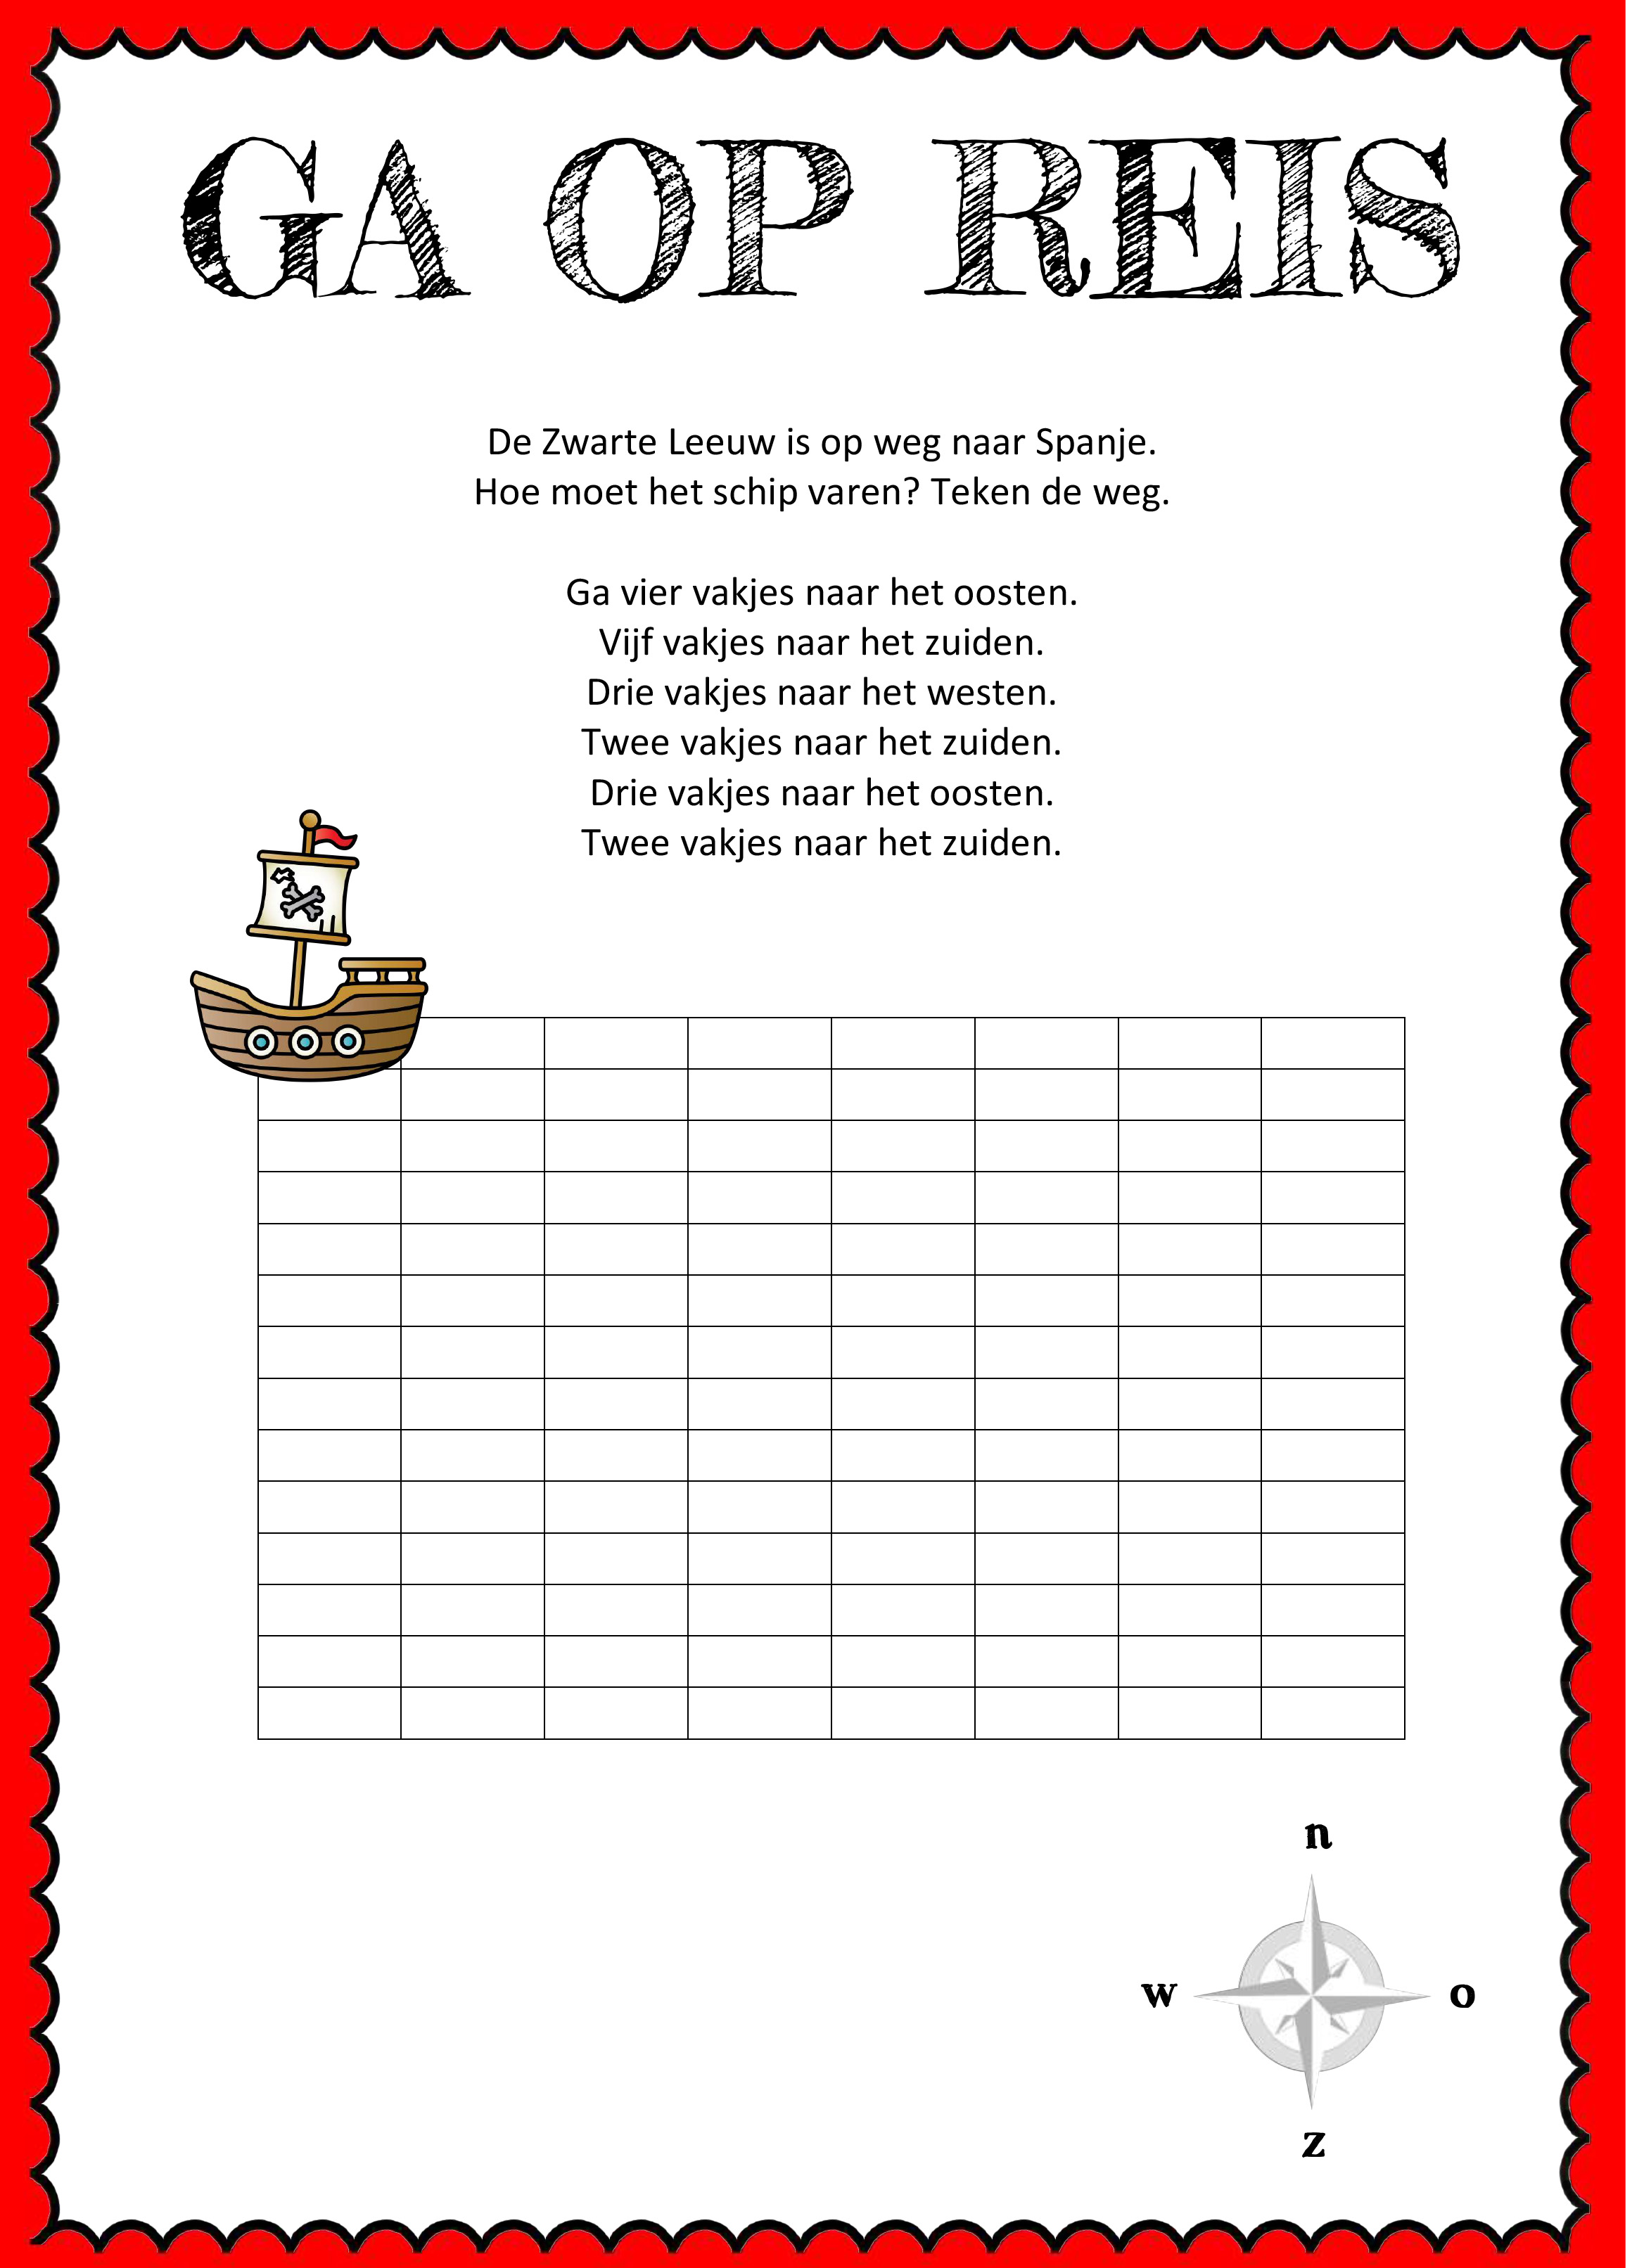 Piraten werkboekje